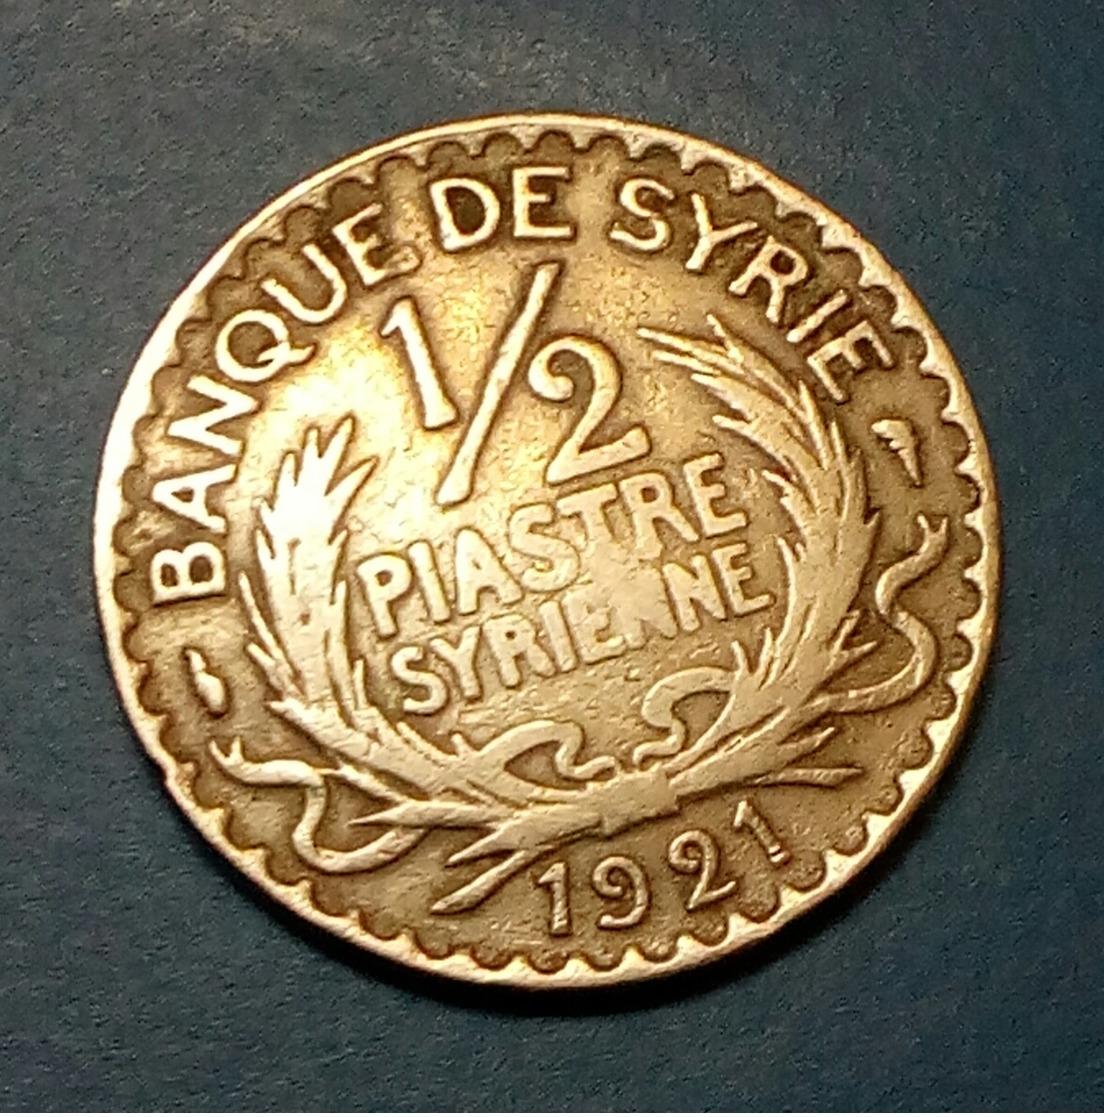 SYRIA - 1/2 PIASTRE - 1921- KM 68 - Agouz - Syria